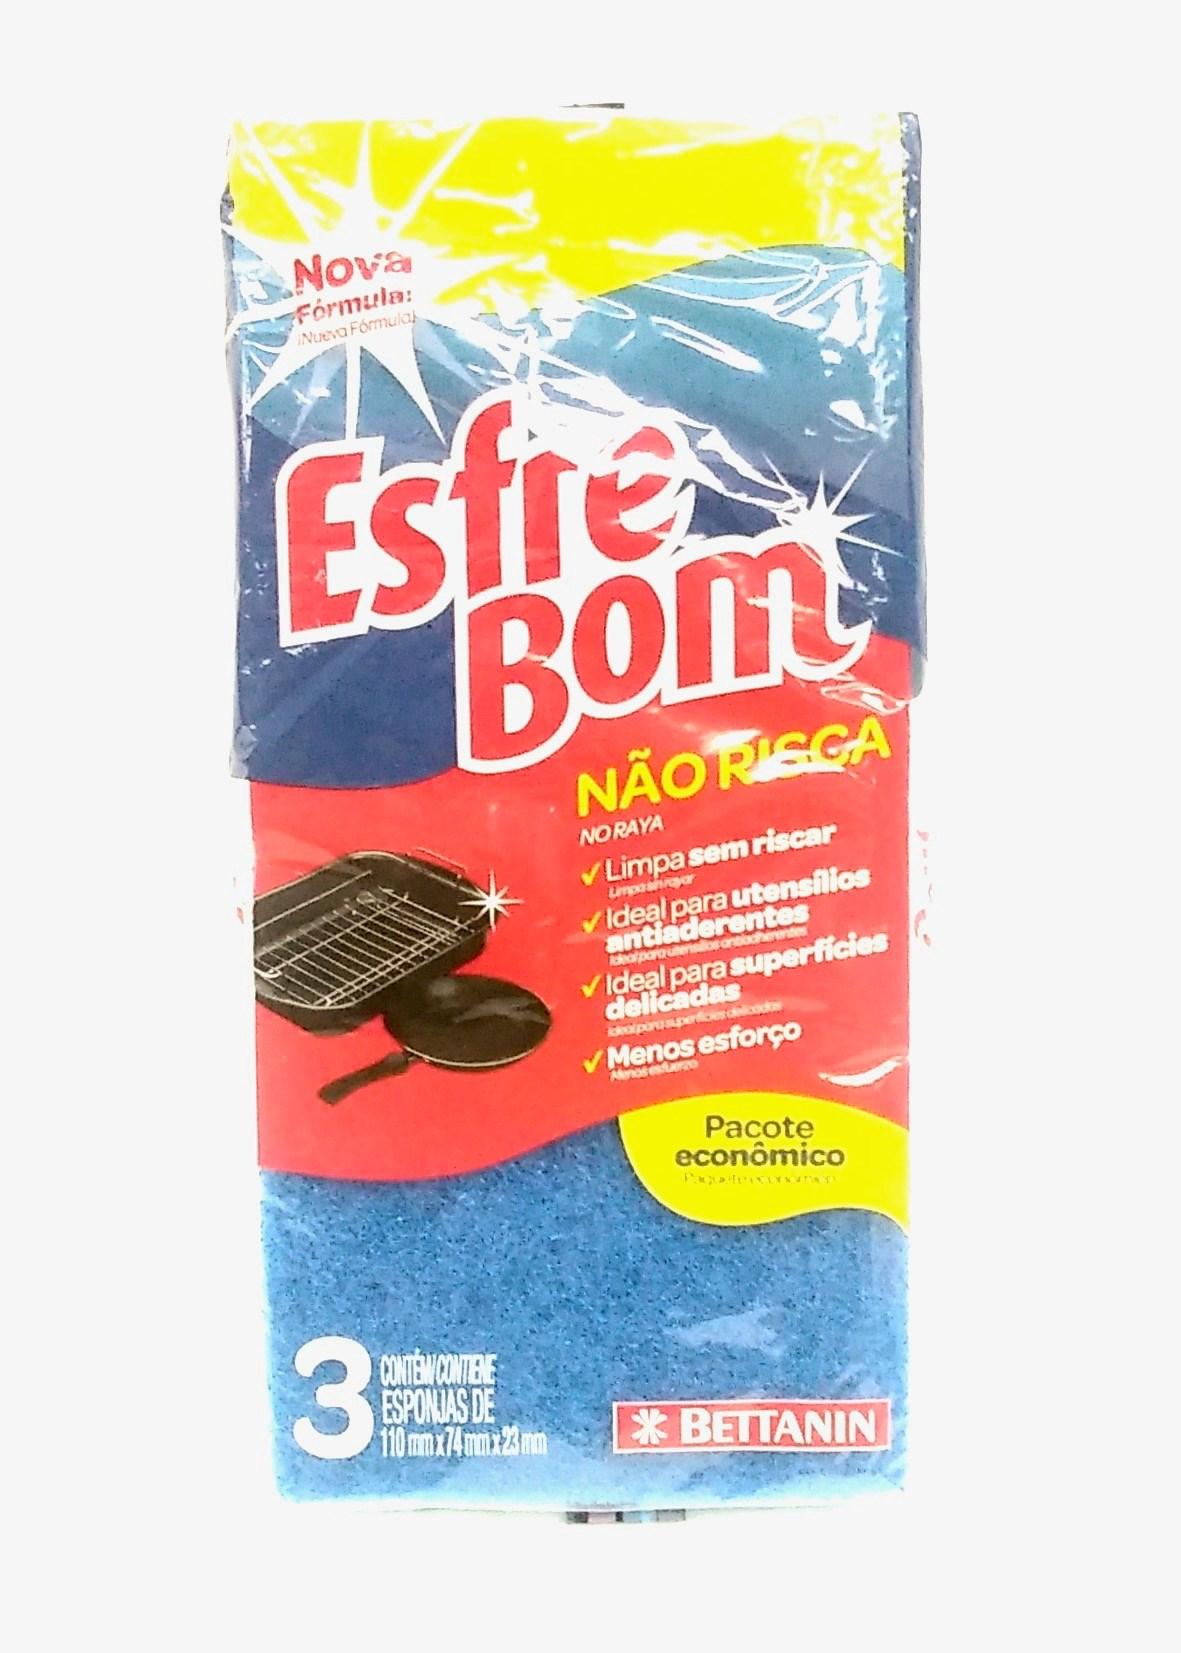 Esfrebom Sponge Non Scratch w/3 Abrasive